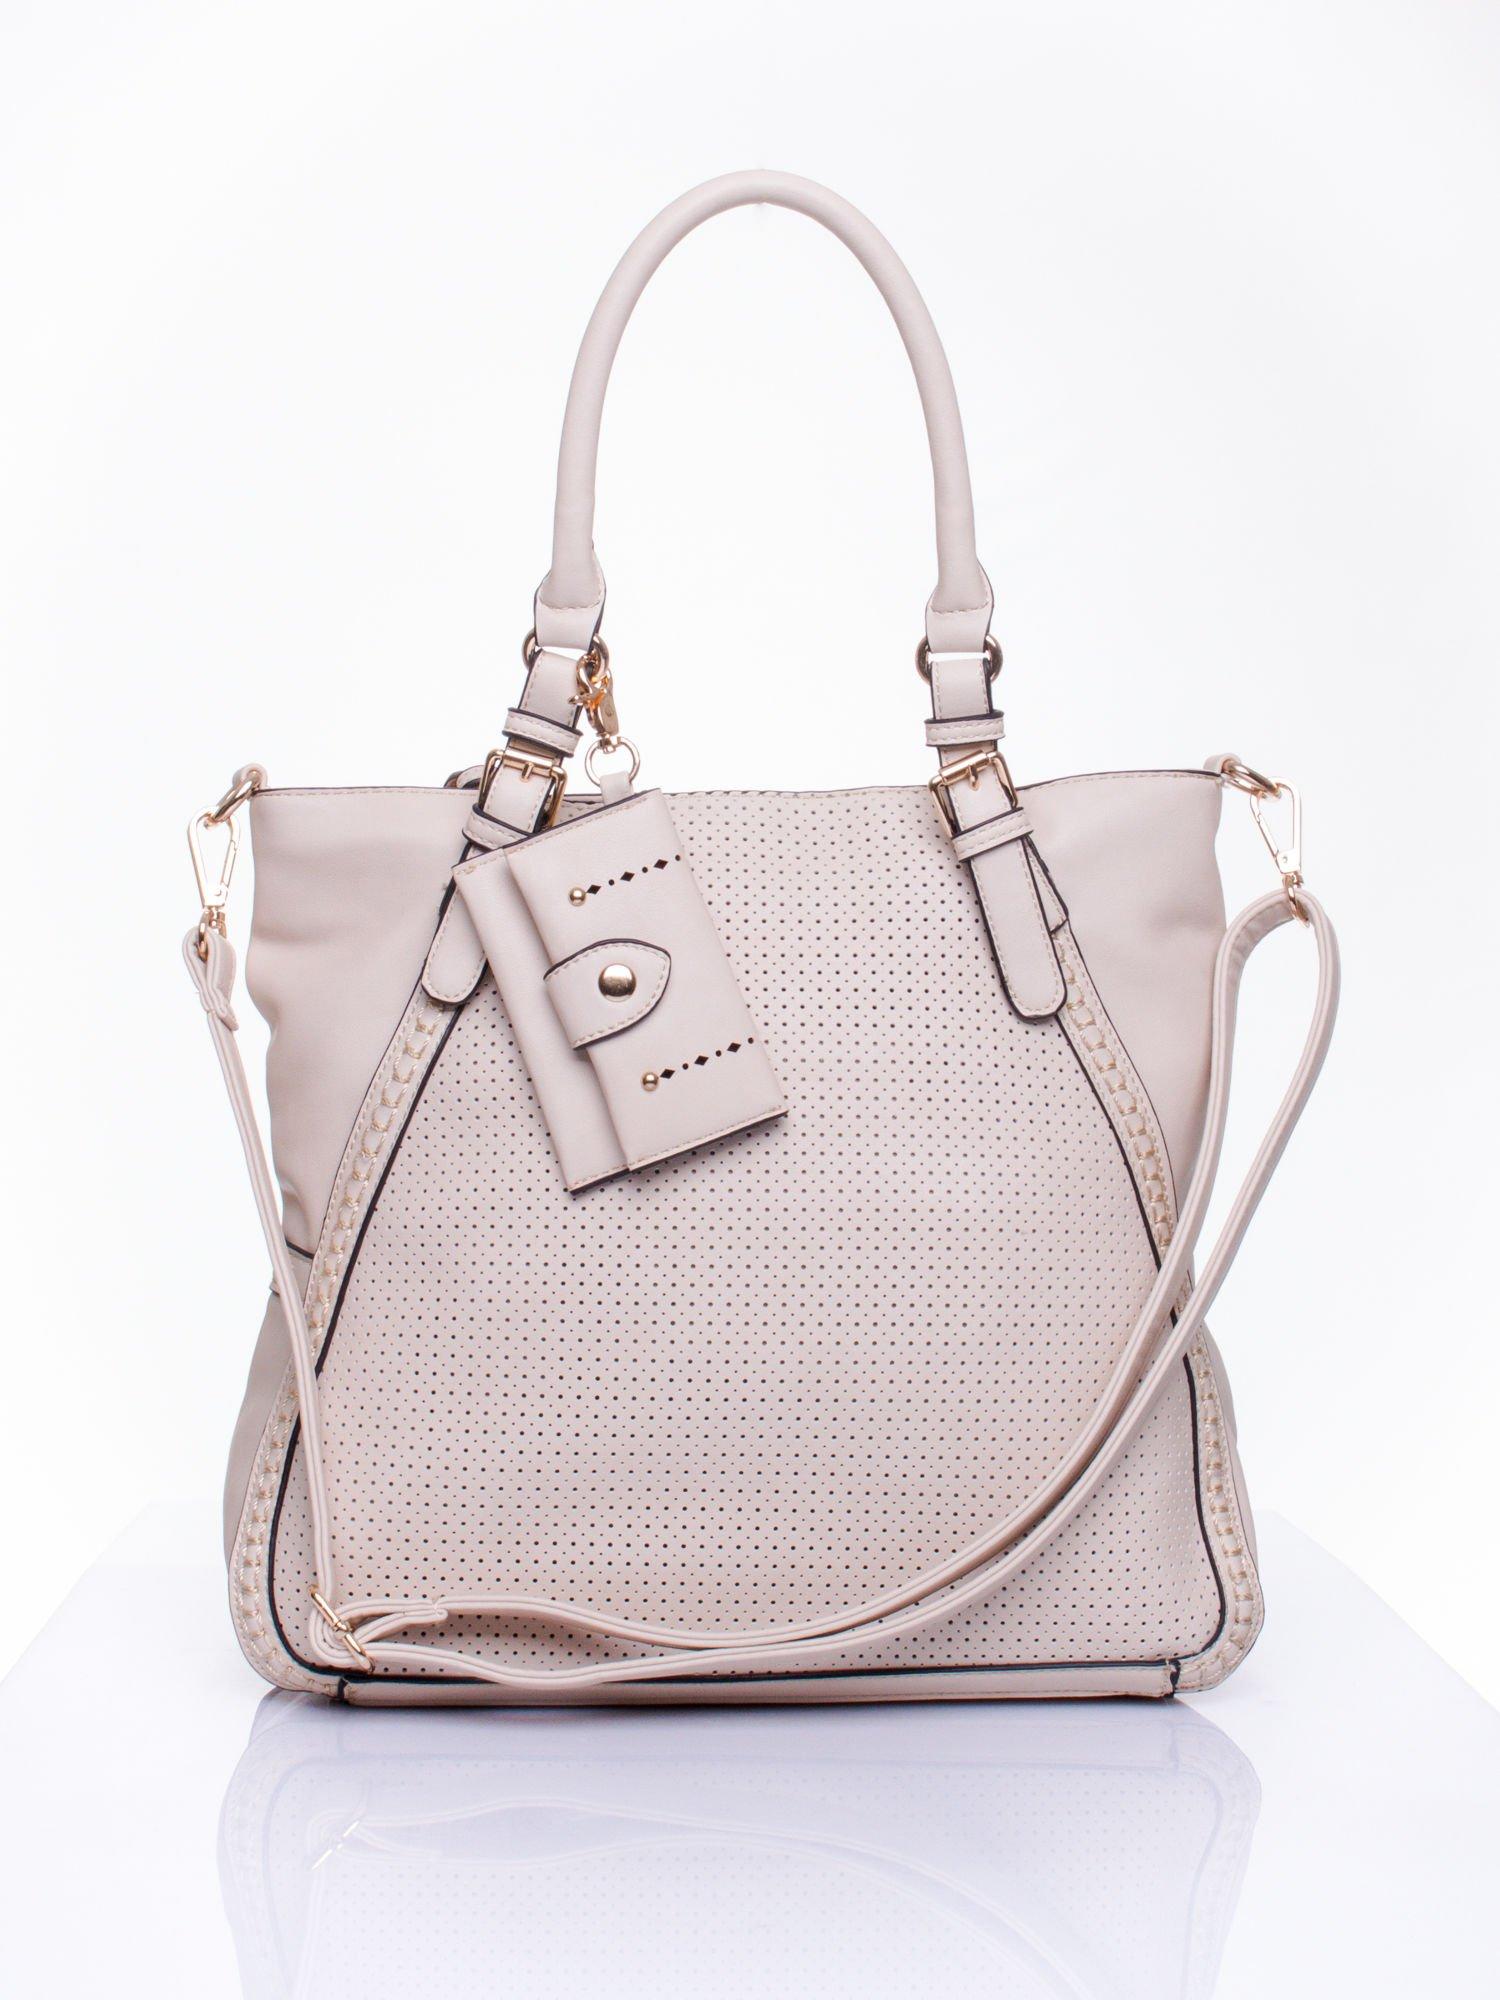 Jasnobeżowa dziurkowana torba shopper z portfelem                                  zdj.                                  1